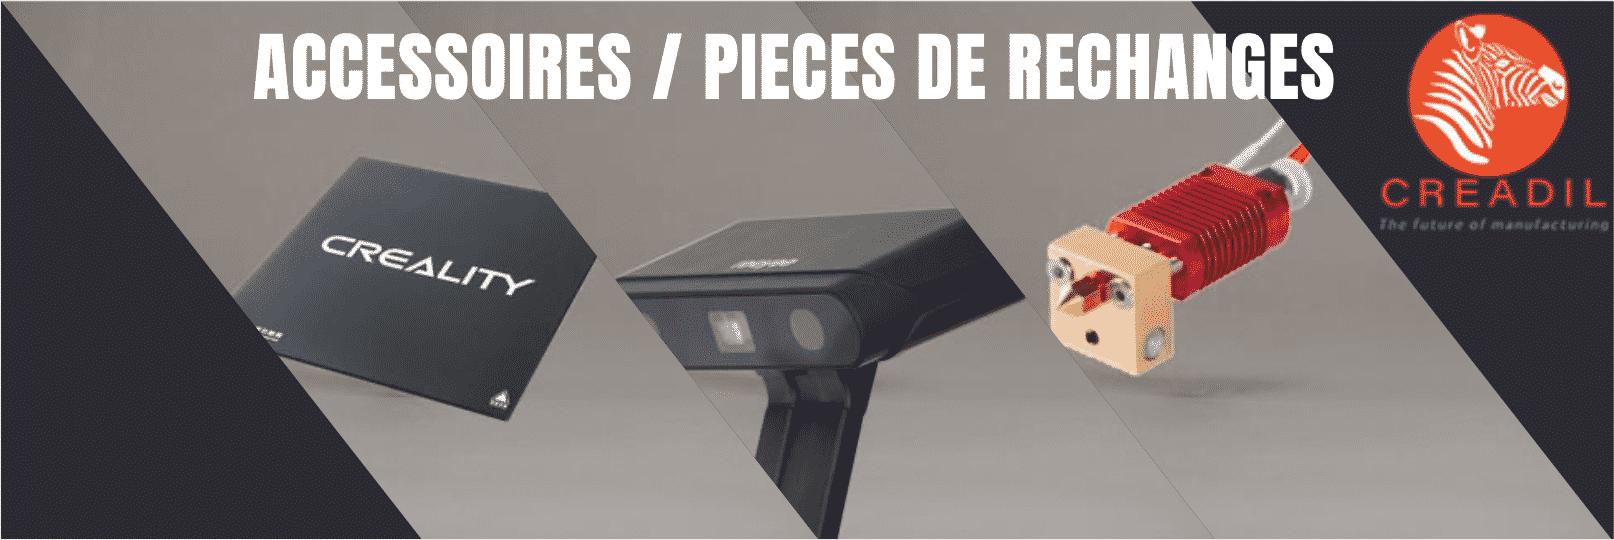 accessoires et pièces de rechanges imprimante 3D